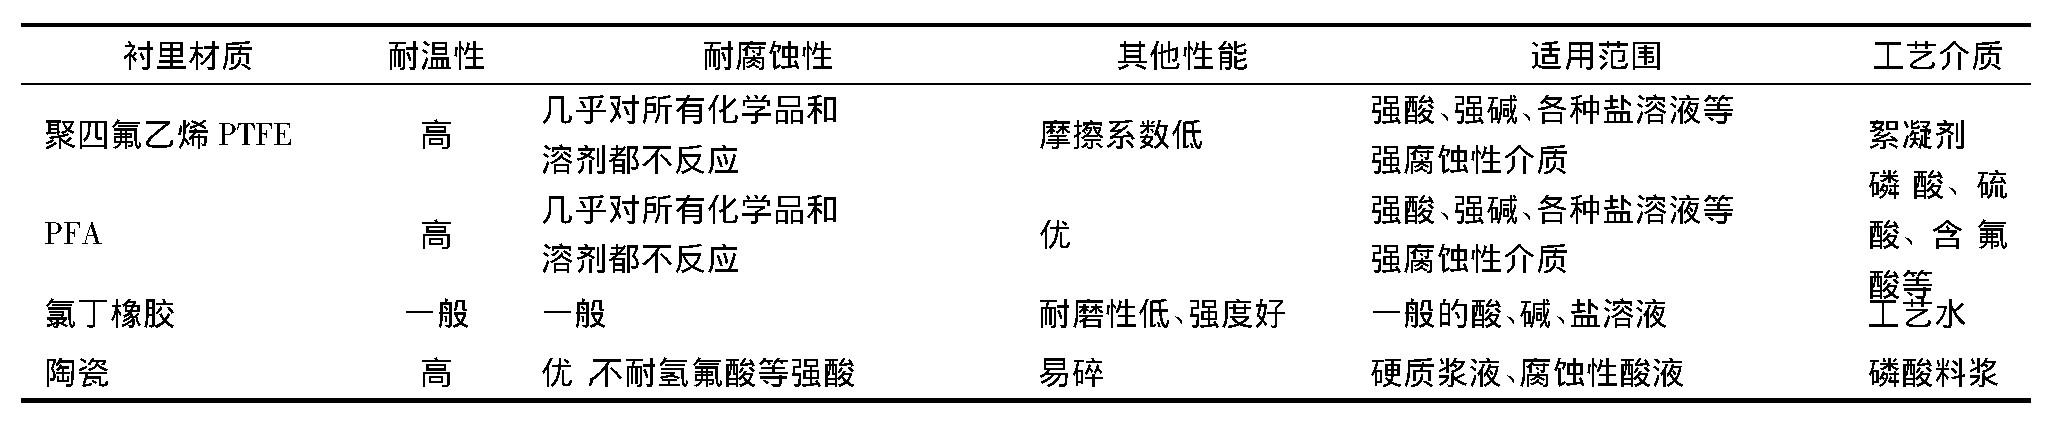 防腐电磁贝博app手机版 湿法 装置电磁贝博app手机版厂家示例图6